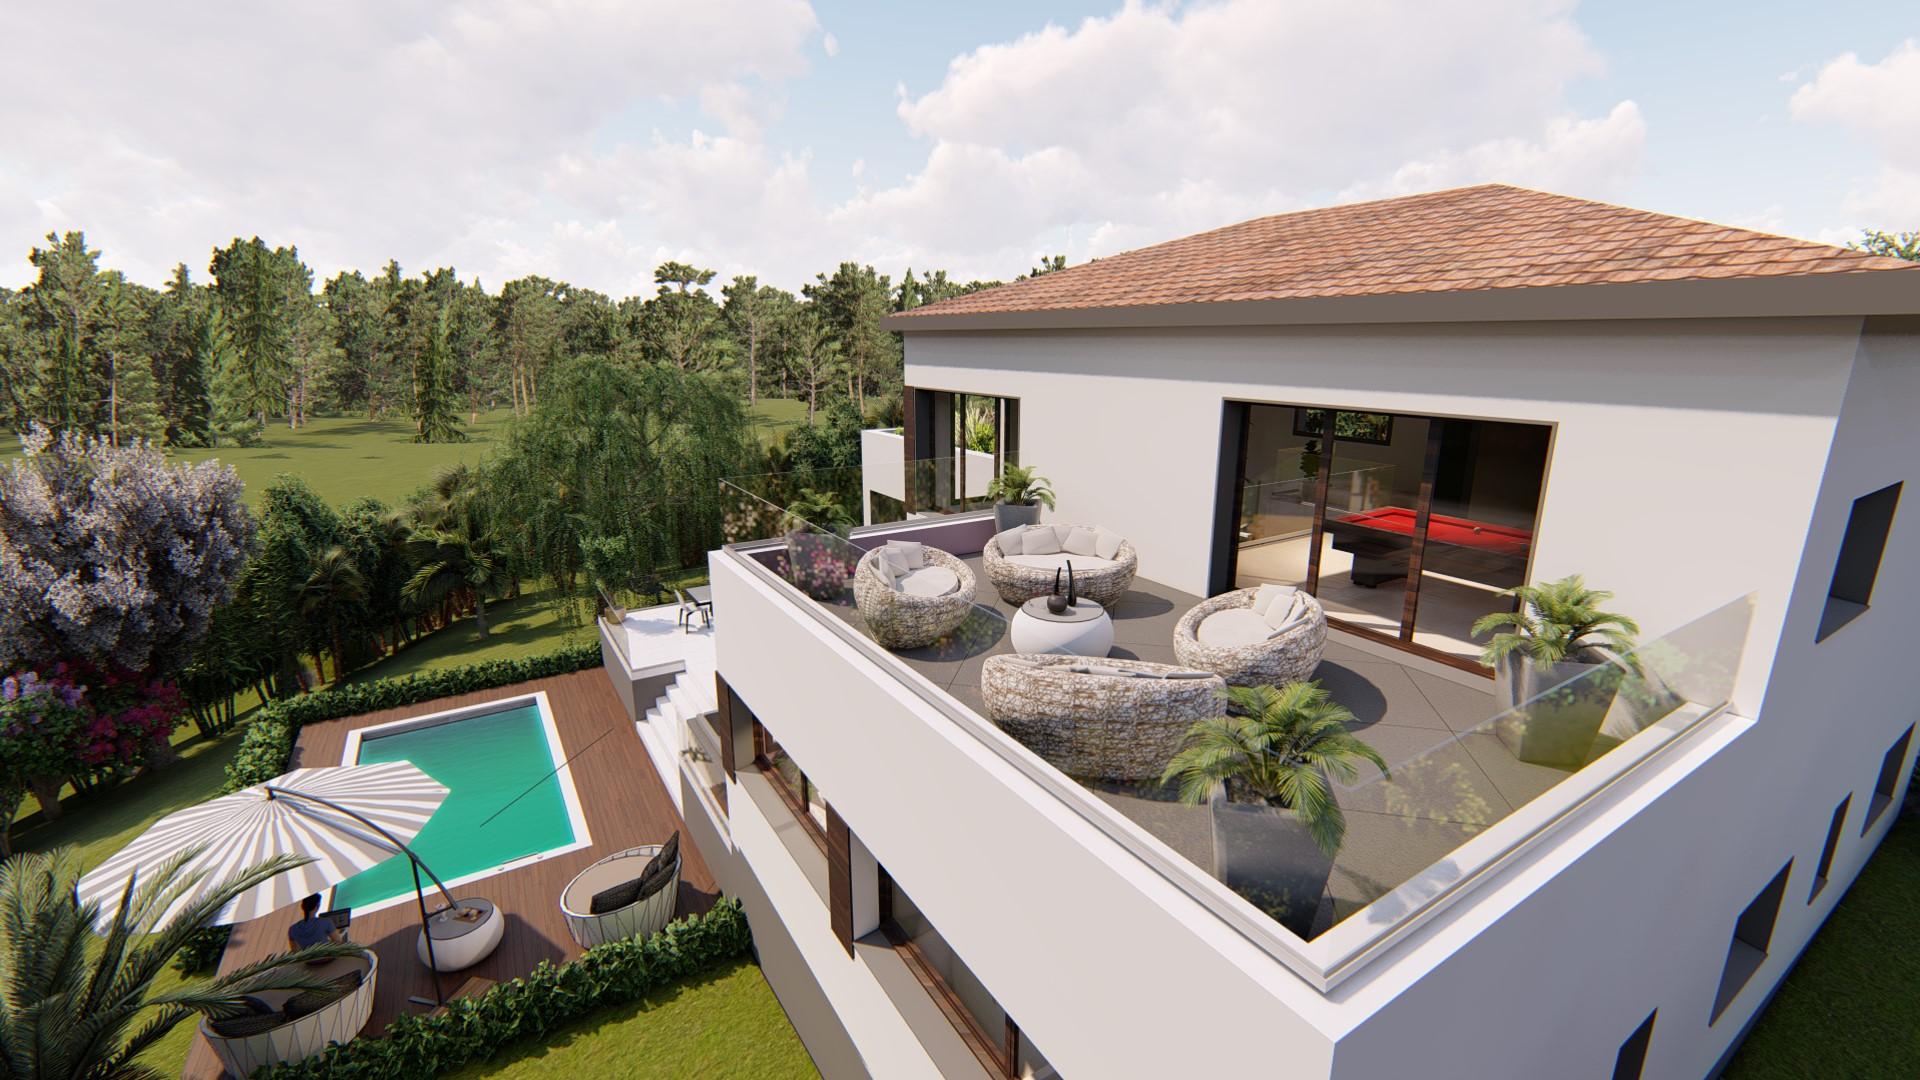 Maisons + Terrains du constructeur VILLAS SUD CREATION • 177 m² • TOURNEFEUILLE